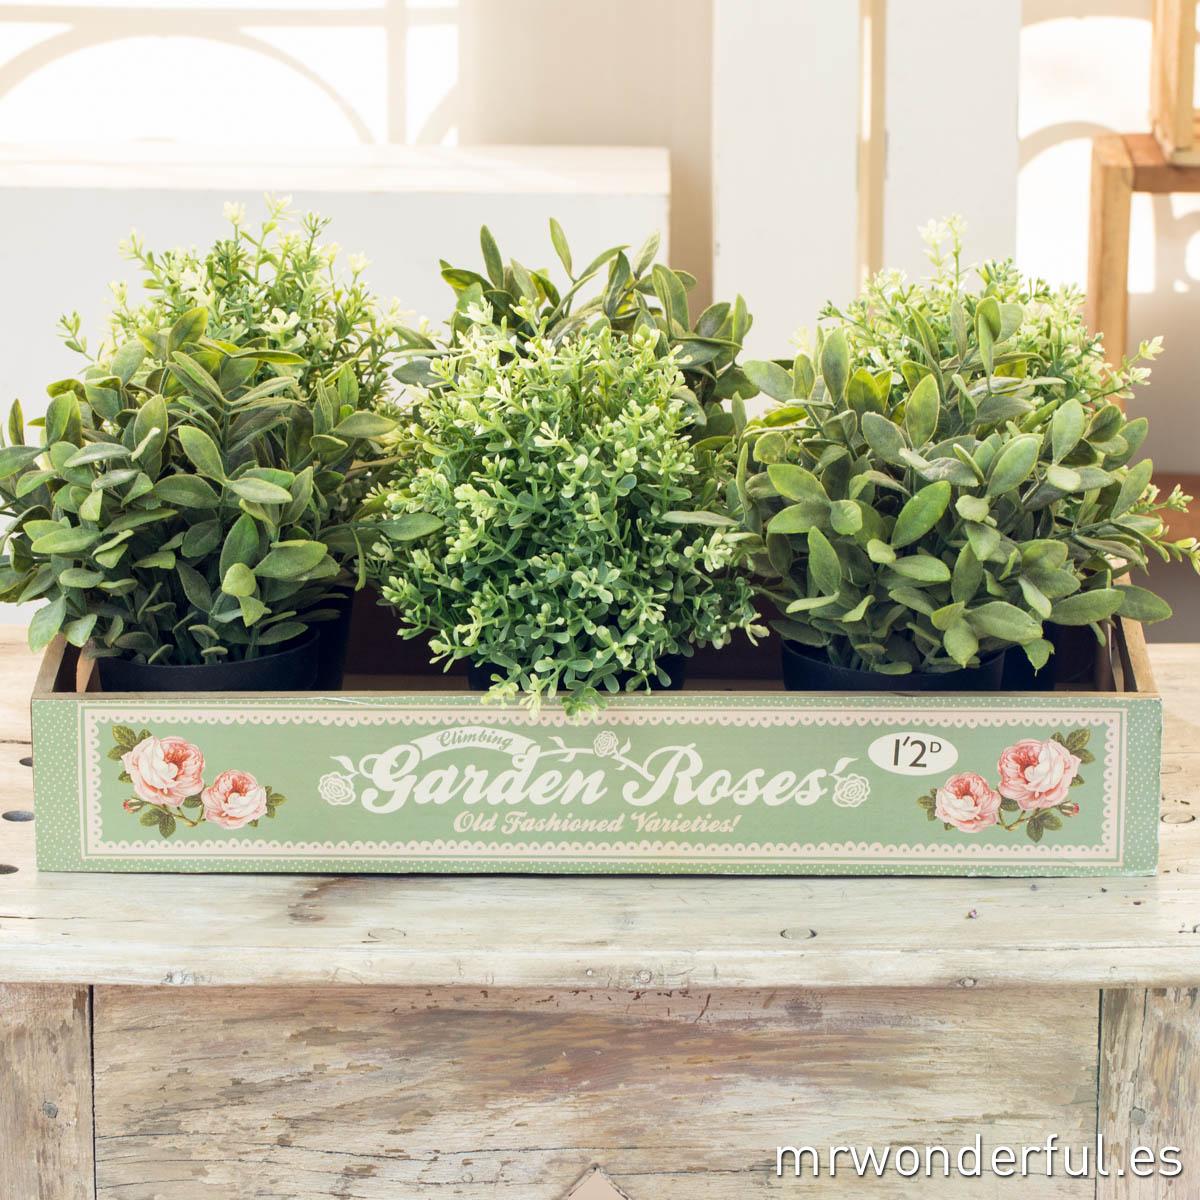 23784_caja-madera-decoracion_garden-roses-5